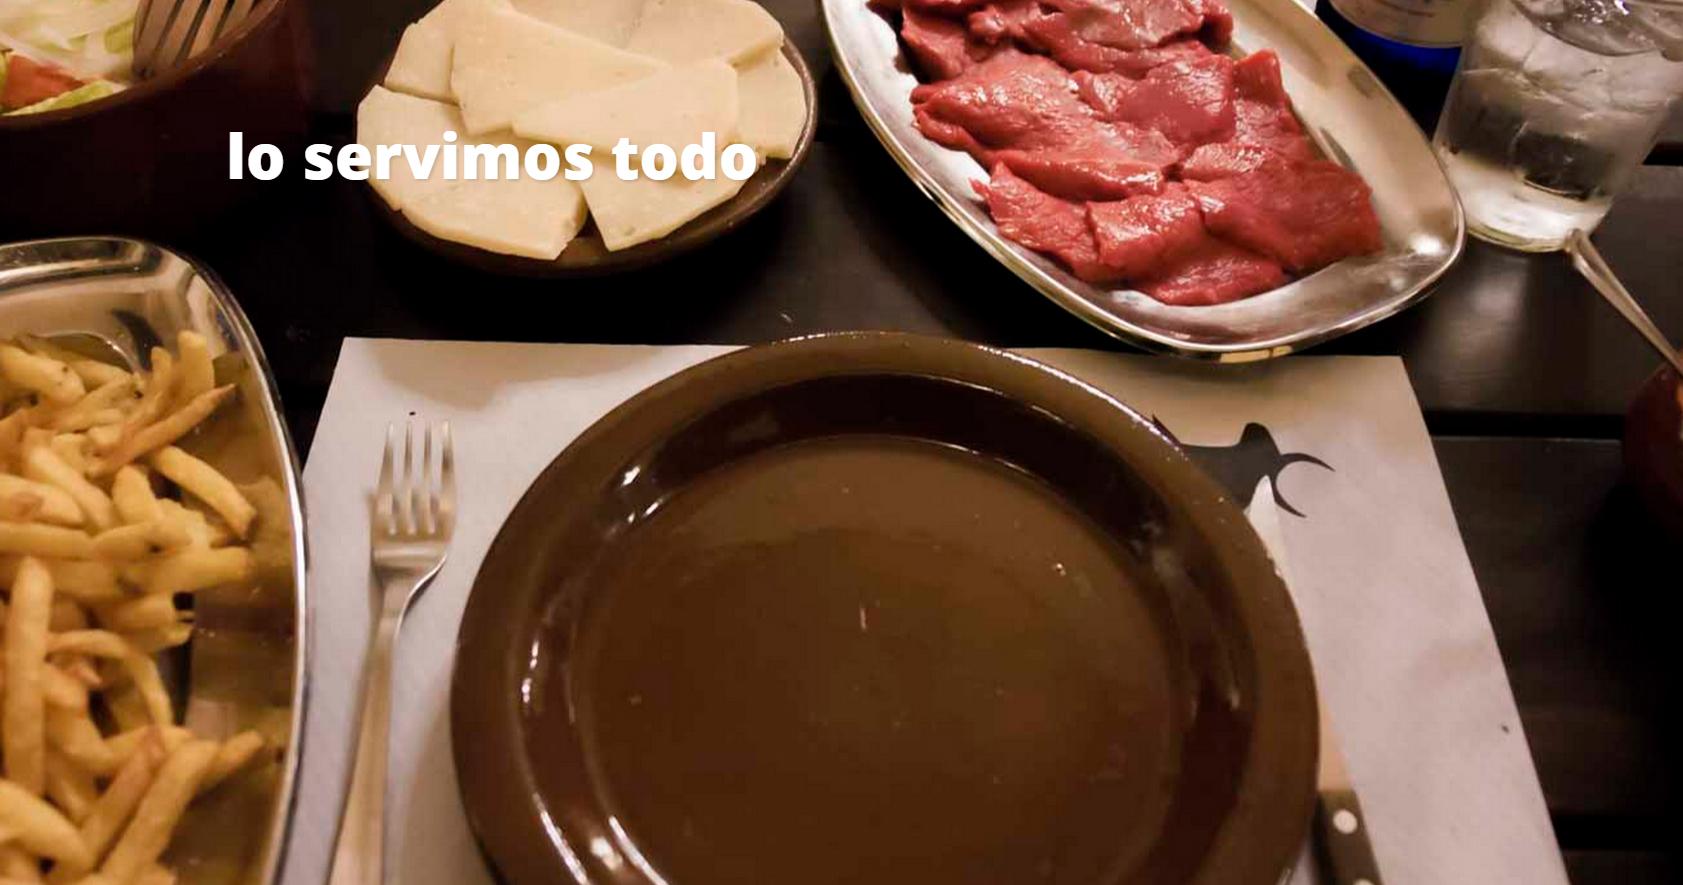 carne_45342